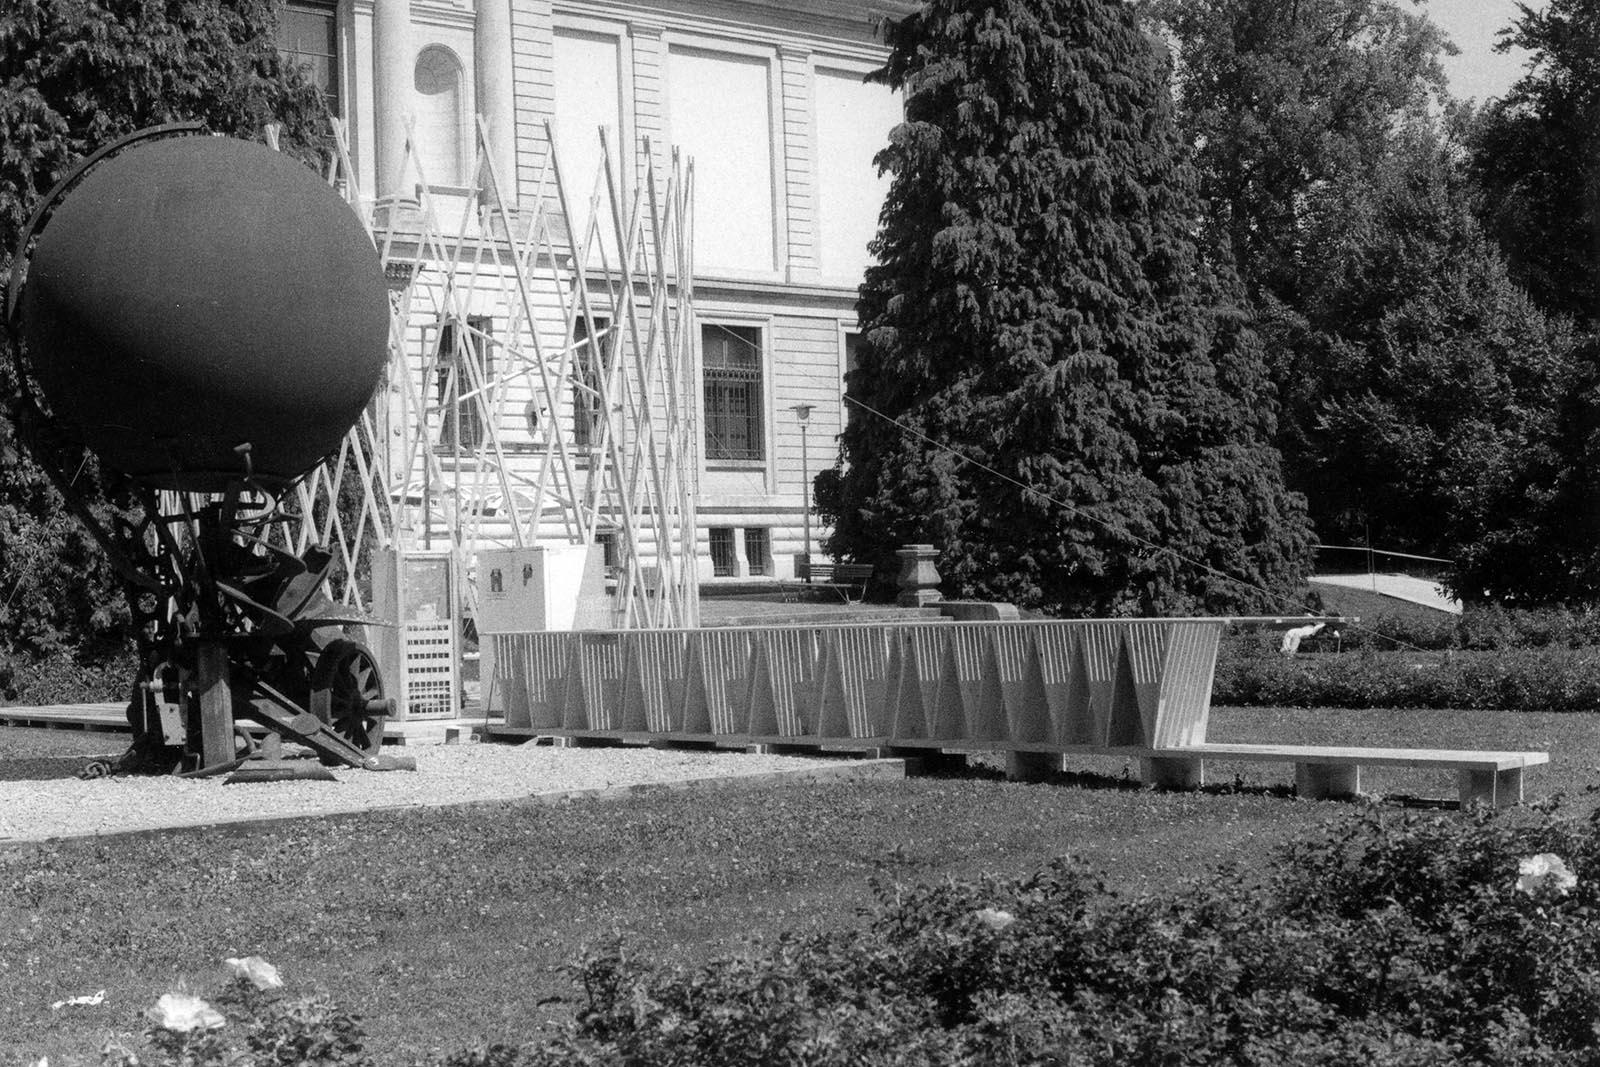 Festarchitektur, 150 Jahre Kunstverein Solothurn